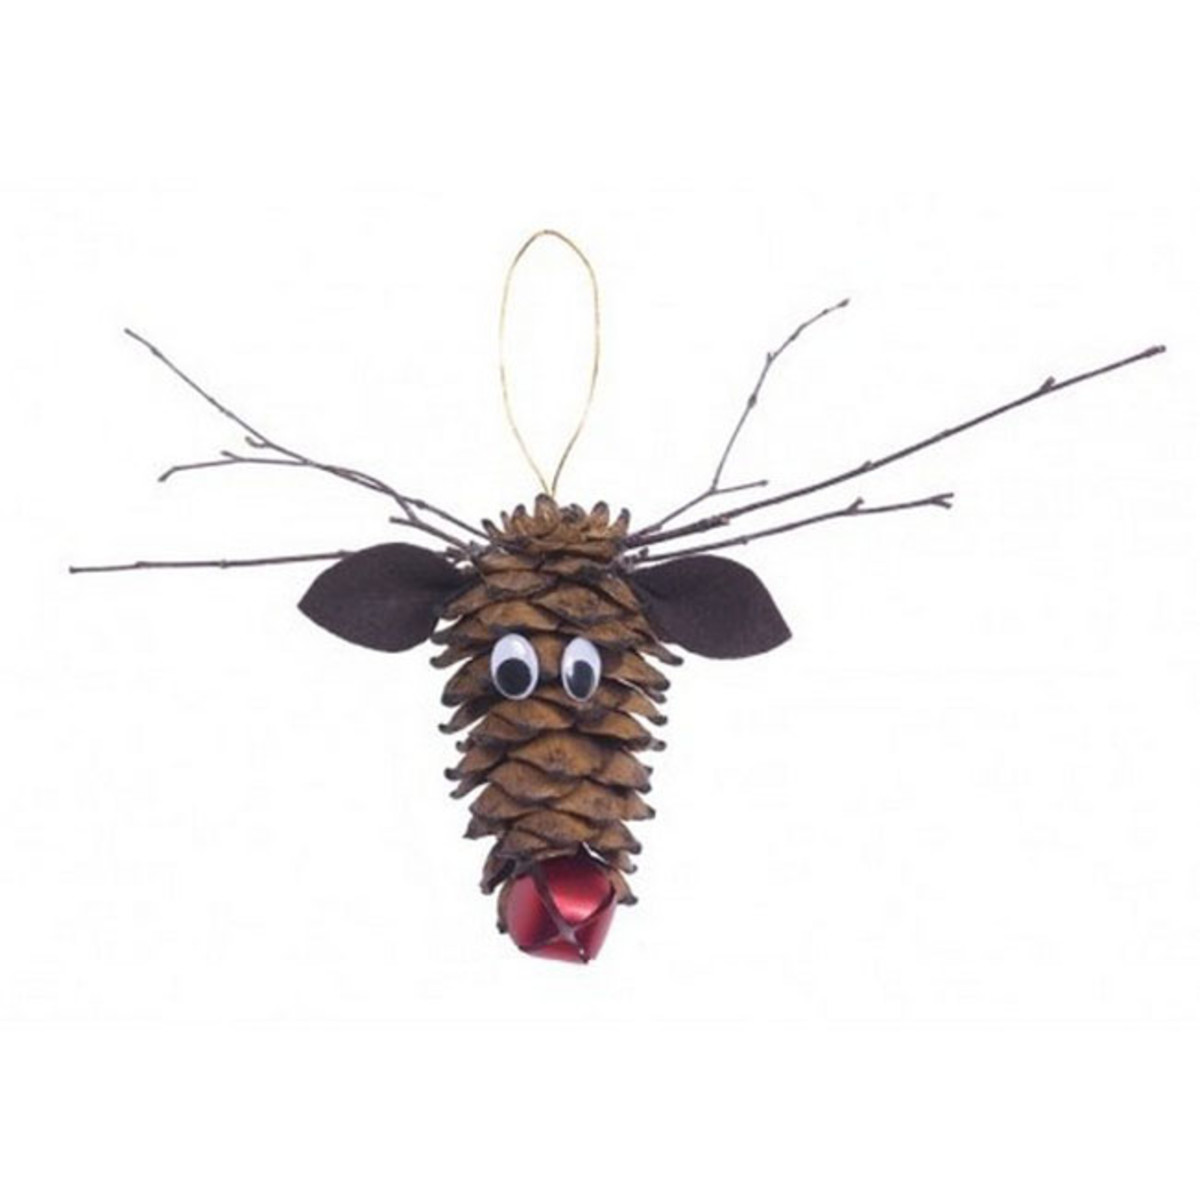 DIY Pine Cone Reindeer Ornaments